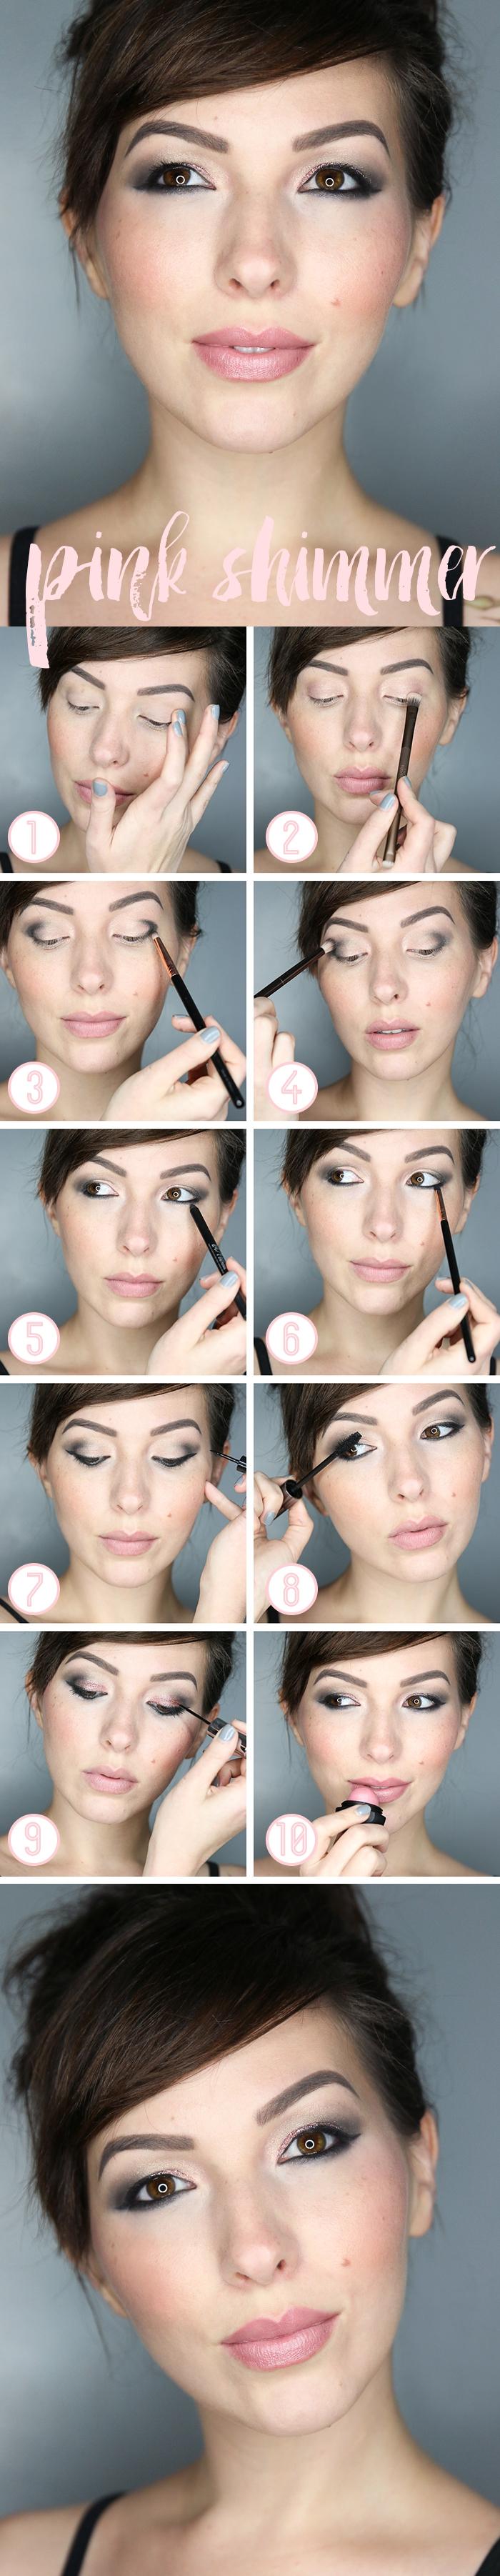 tuto facile, contouring visage aux reflets pêche sur les joues, coiffure femme aux cheveux attachés avec frange sur le côté